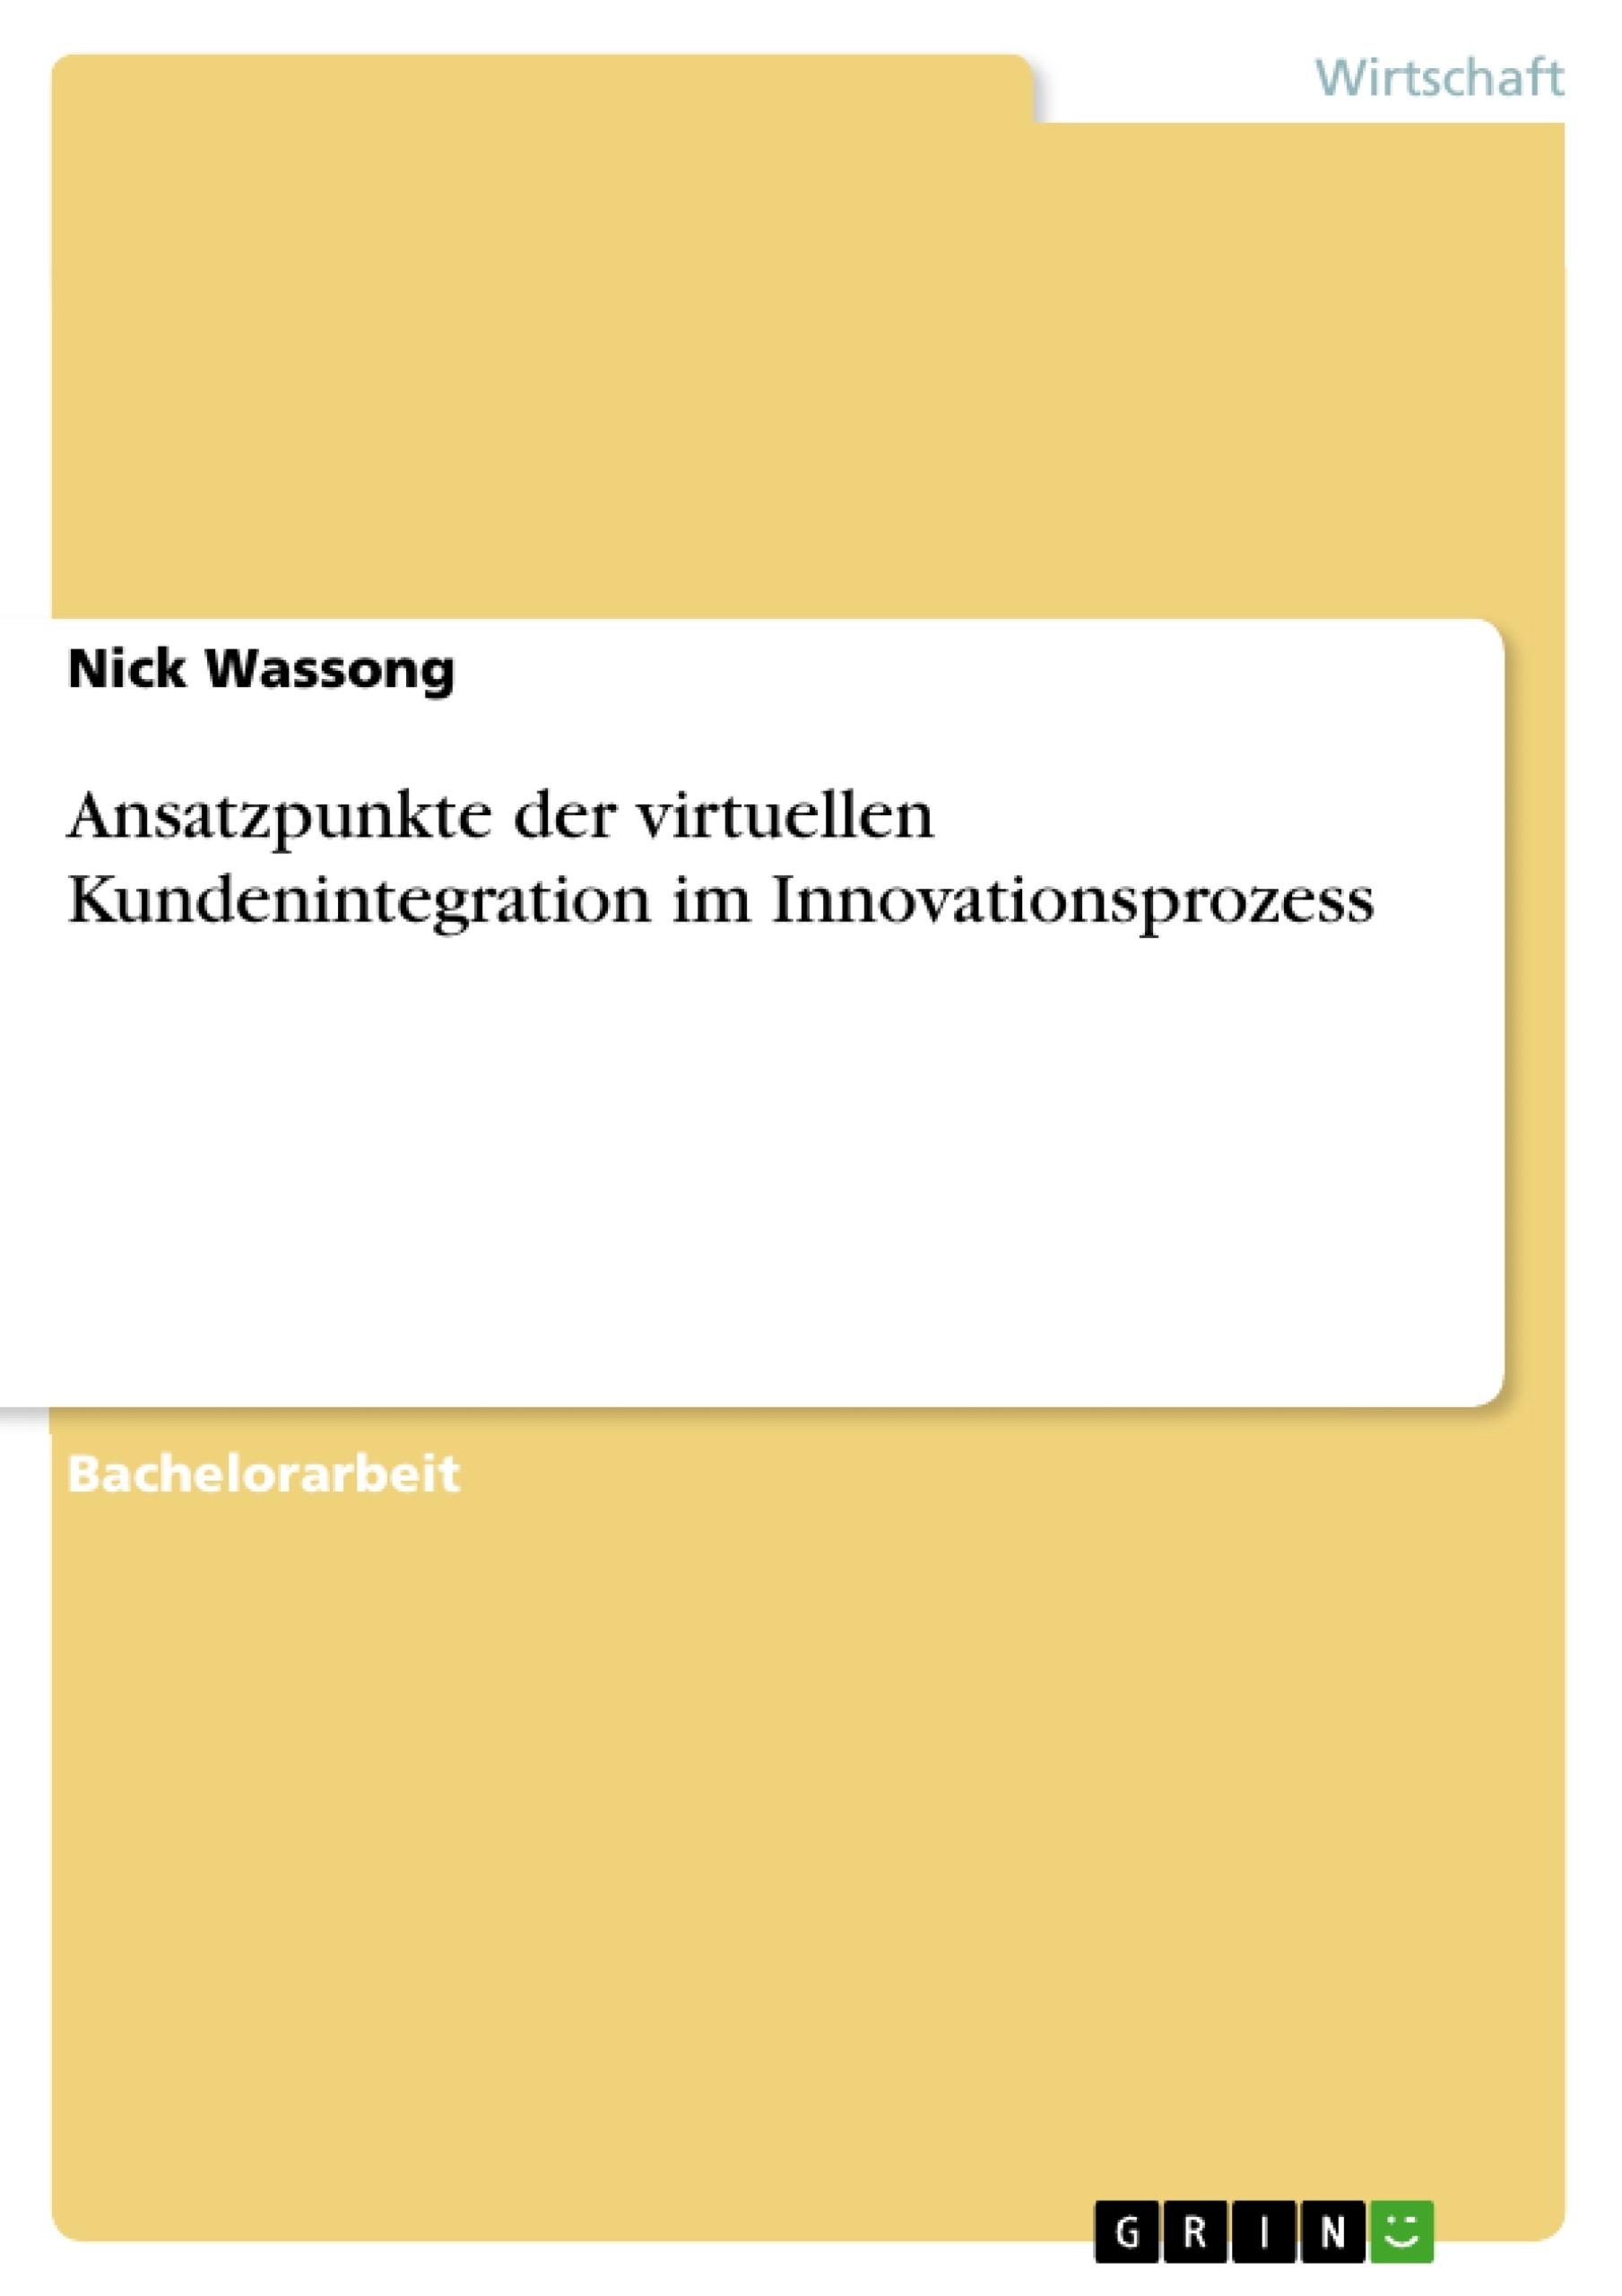 Titel: Ansatzpunkte der virtuellen Kundenintegration im Innovationsprozess